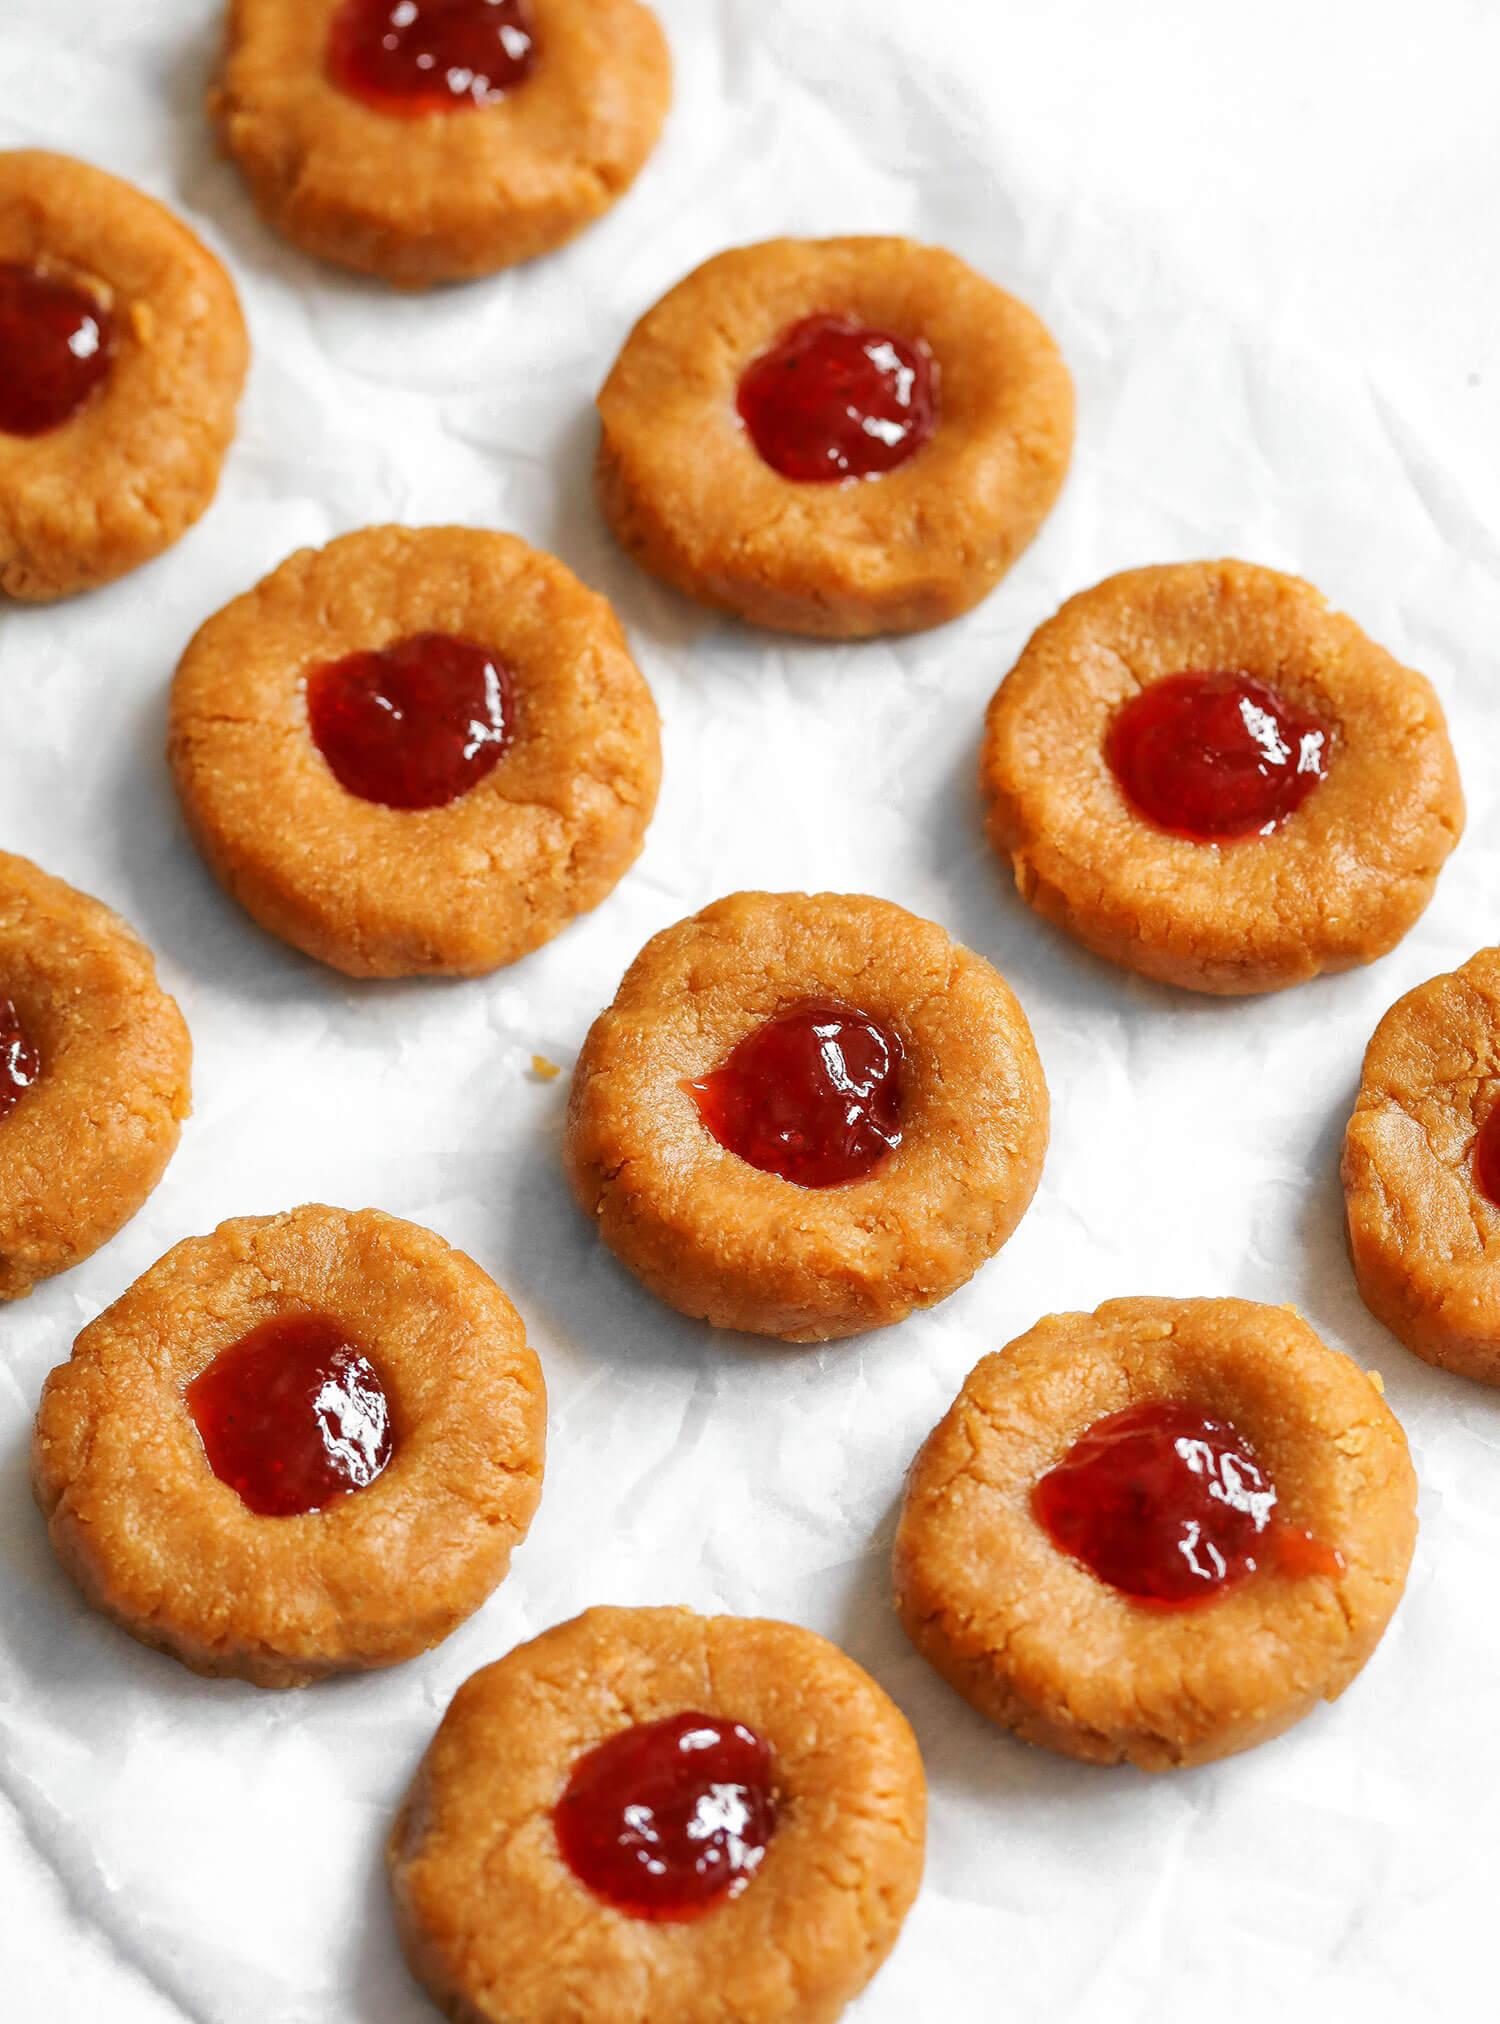 Cookies de impressão digital PB&J vegana não assados - Blog de saúde do Reino Unido 3